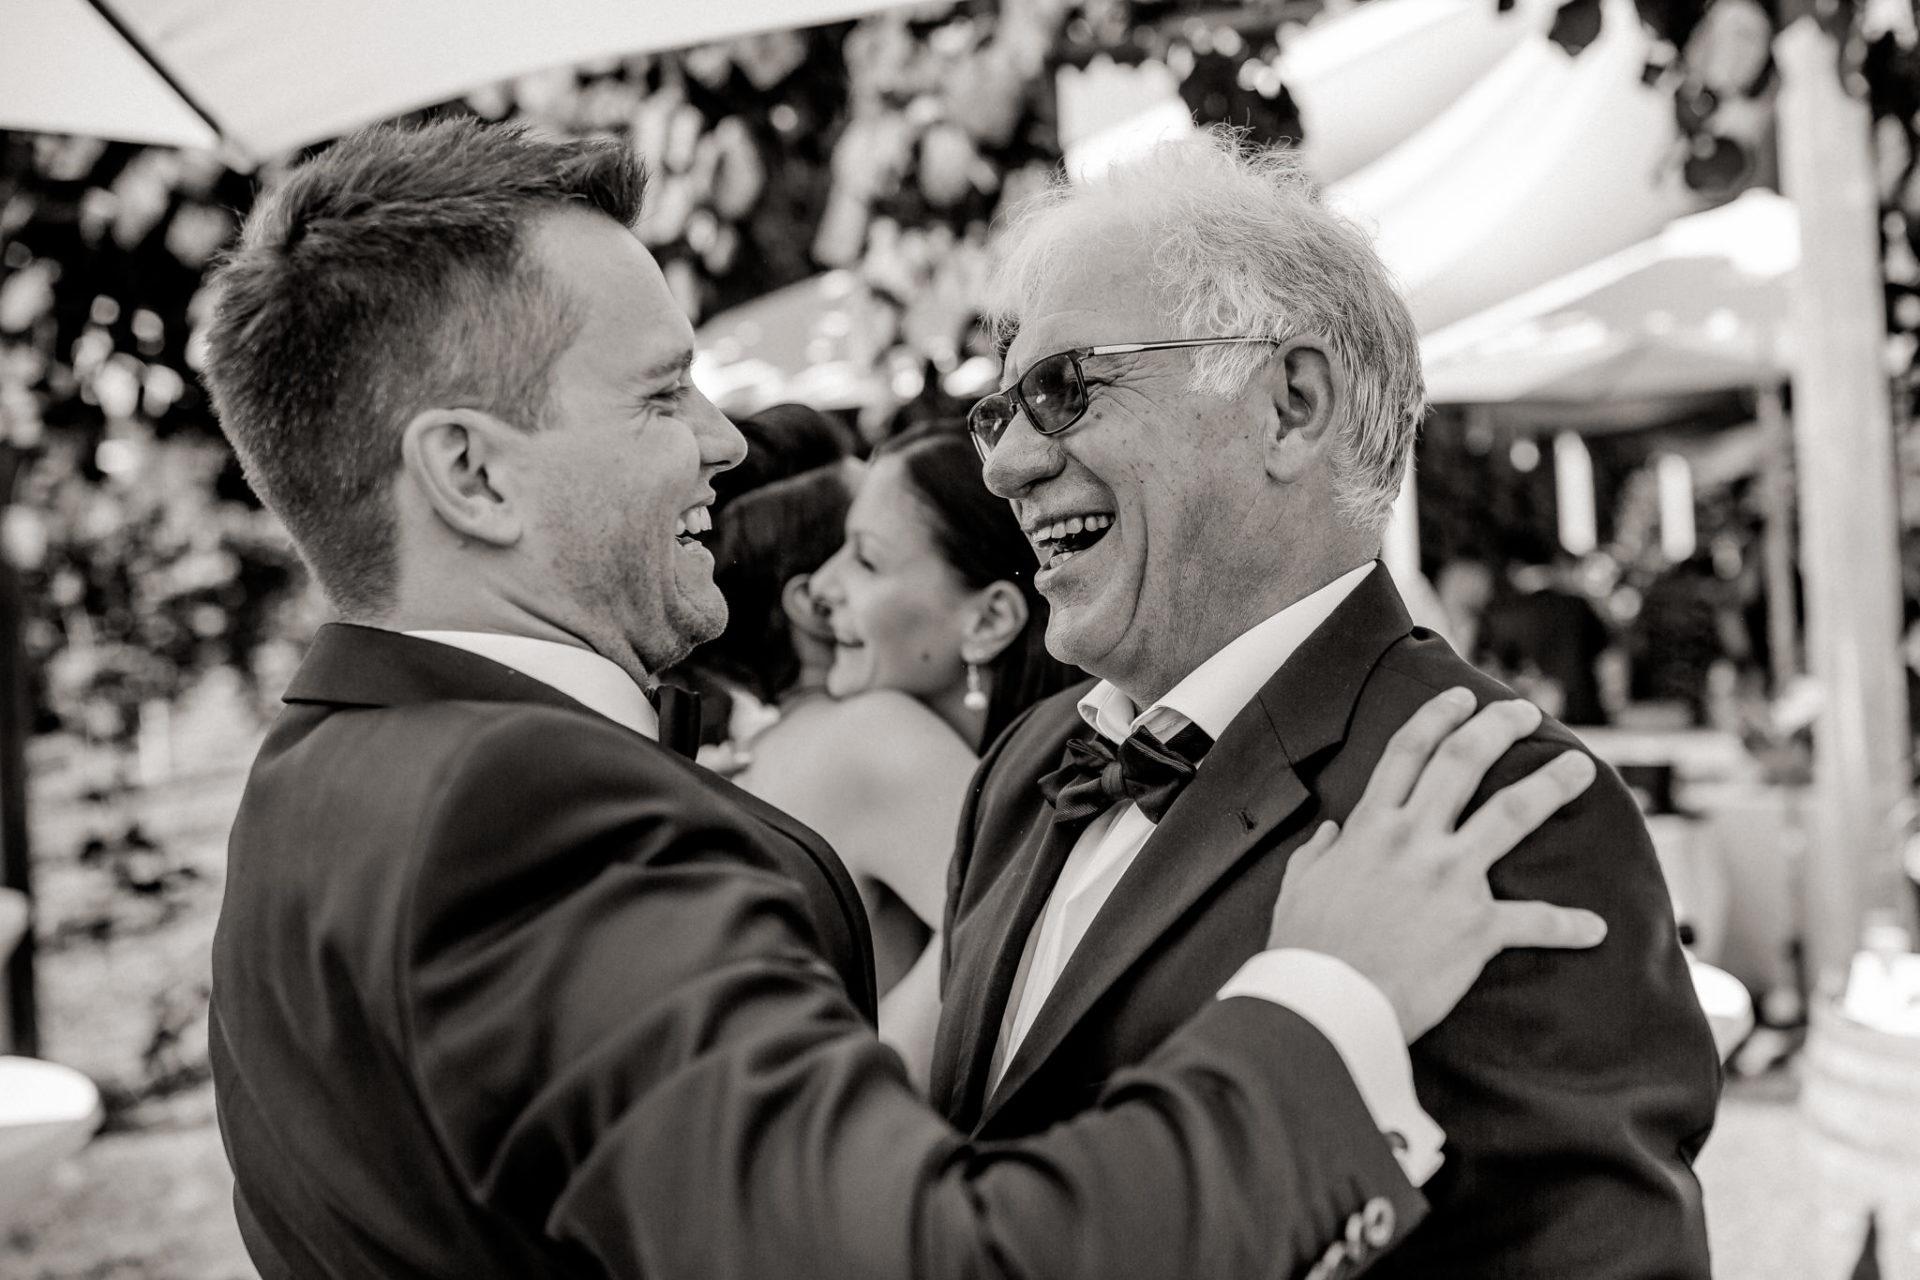 Weingut Fitz Ritter Hochzeitsfotograf-heiraten Pfalz-Sommerhochzeit Bräutigam und Vater